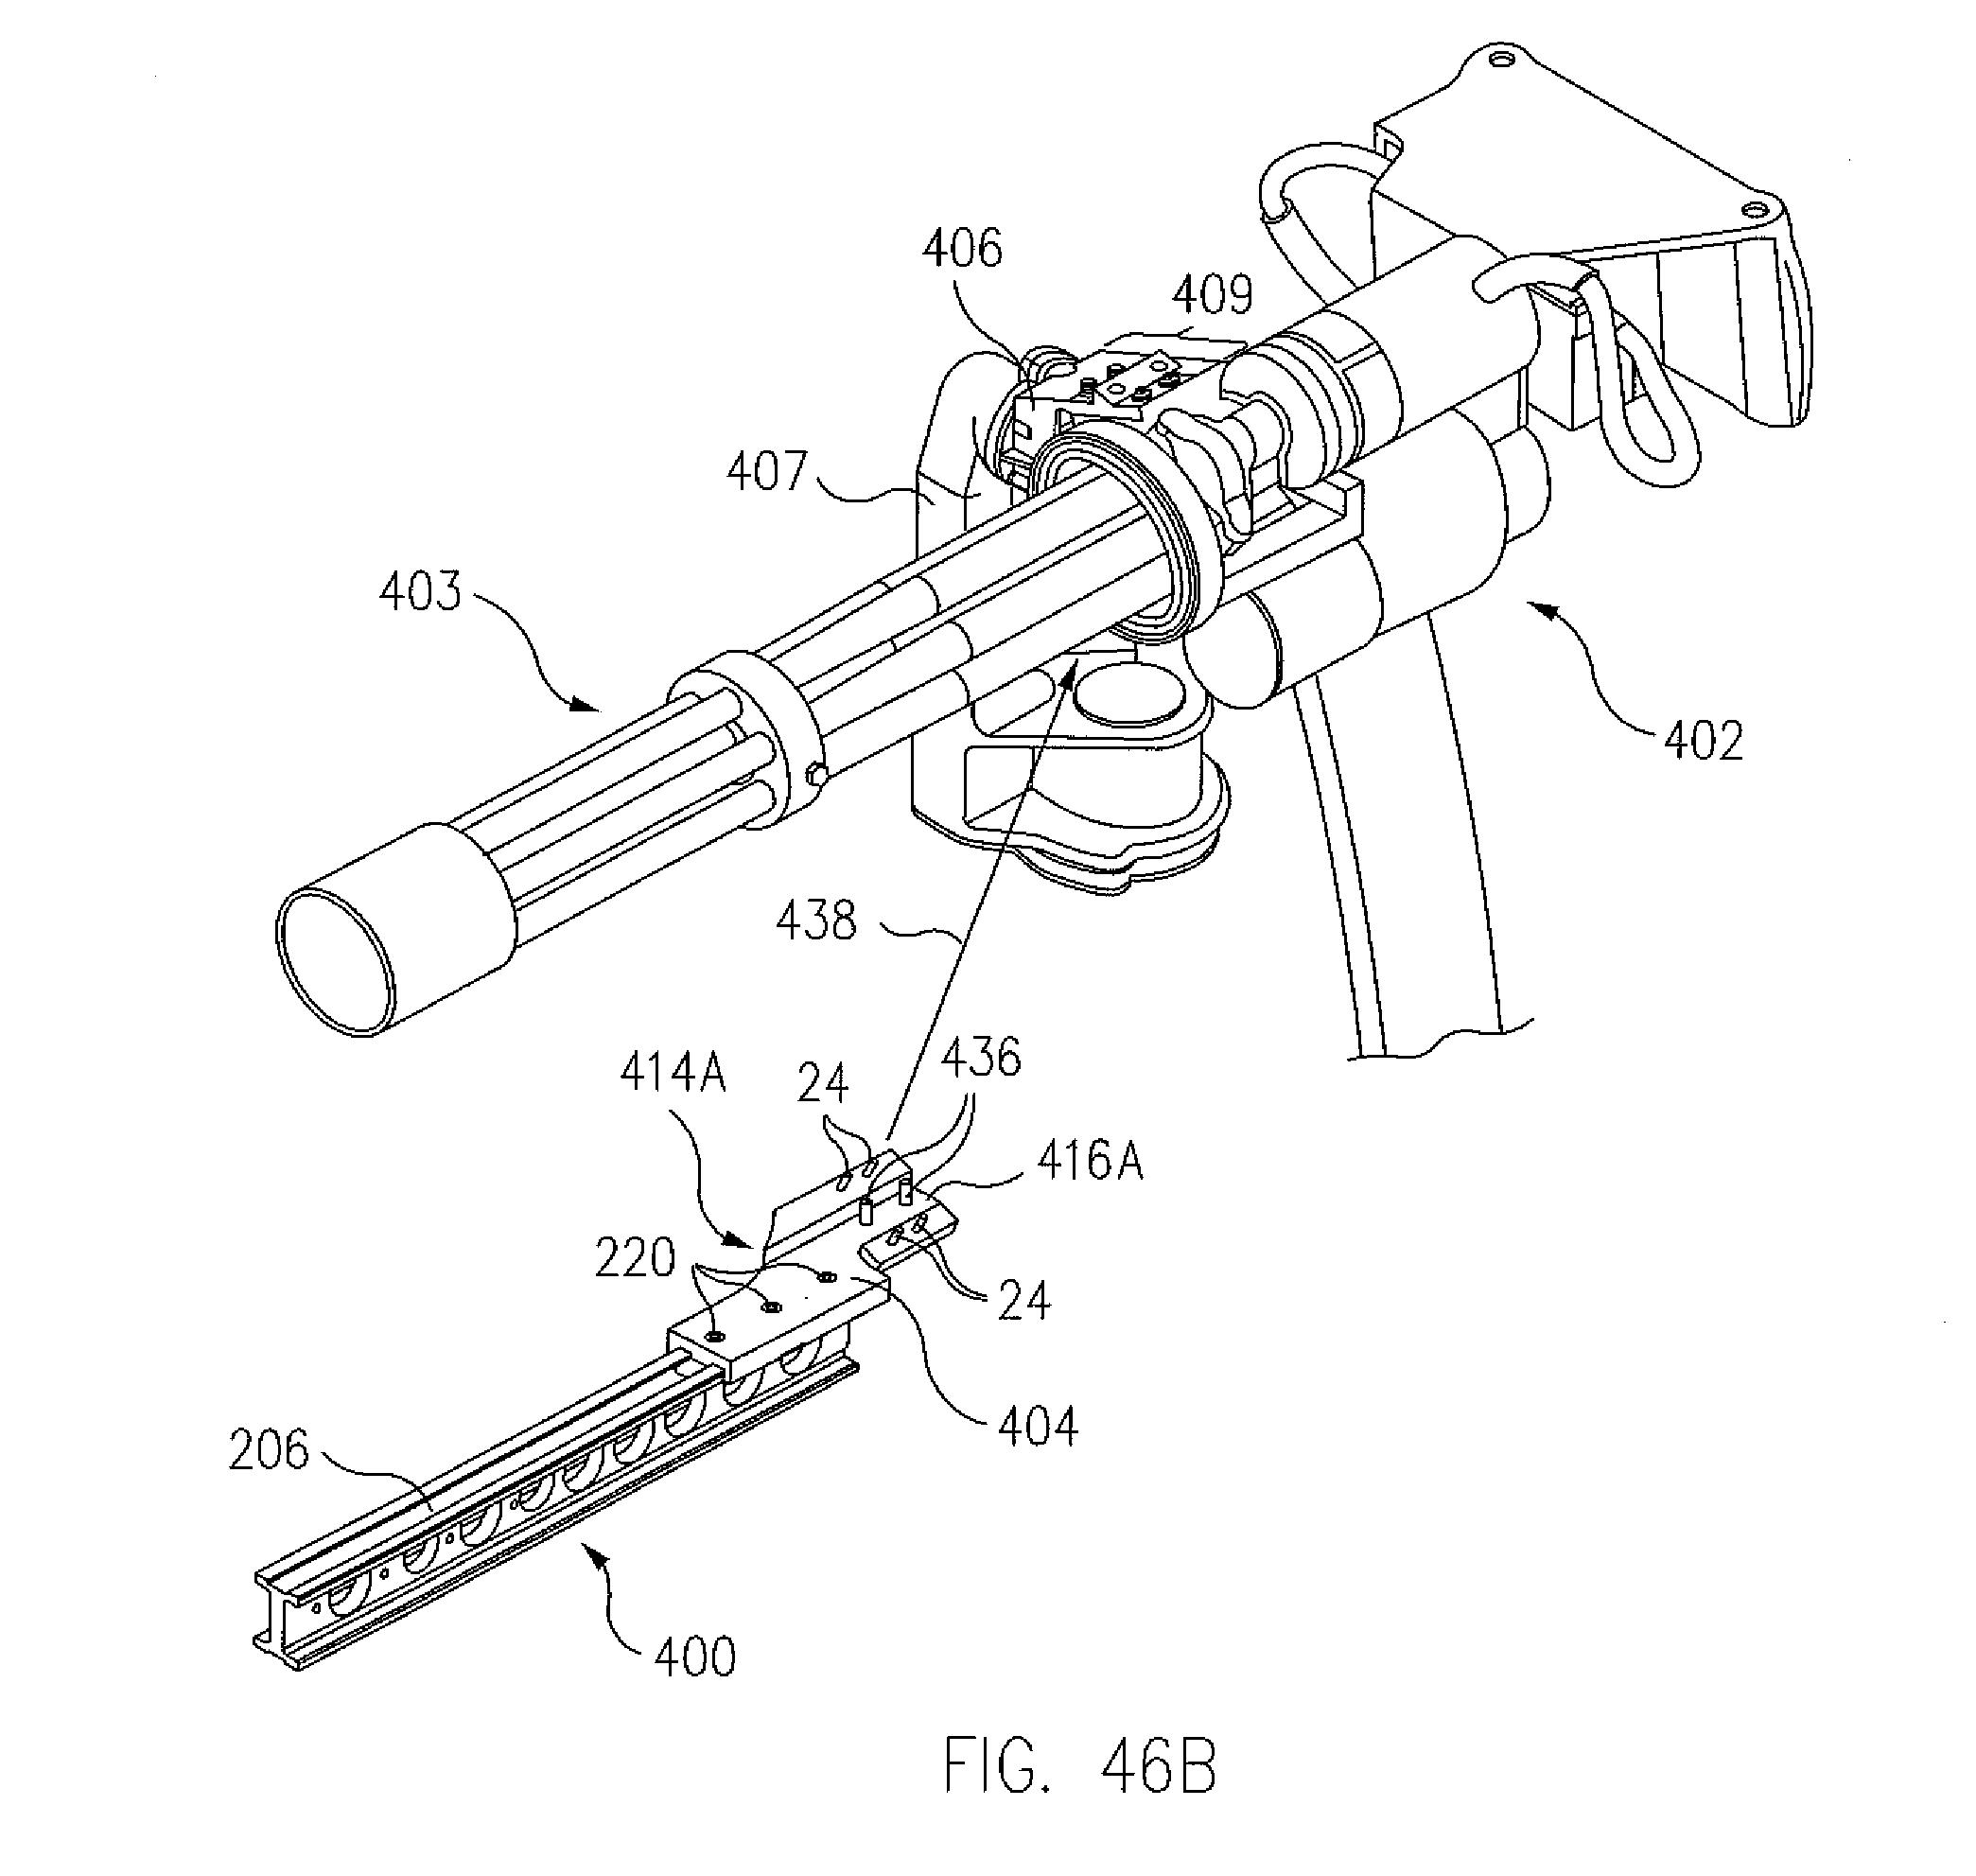 M134 Minigun Gatling Gun Drawing Sketch Coloring Page